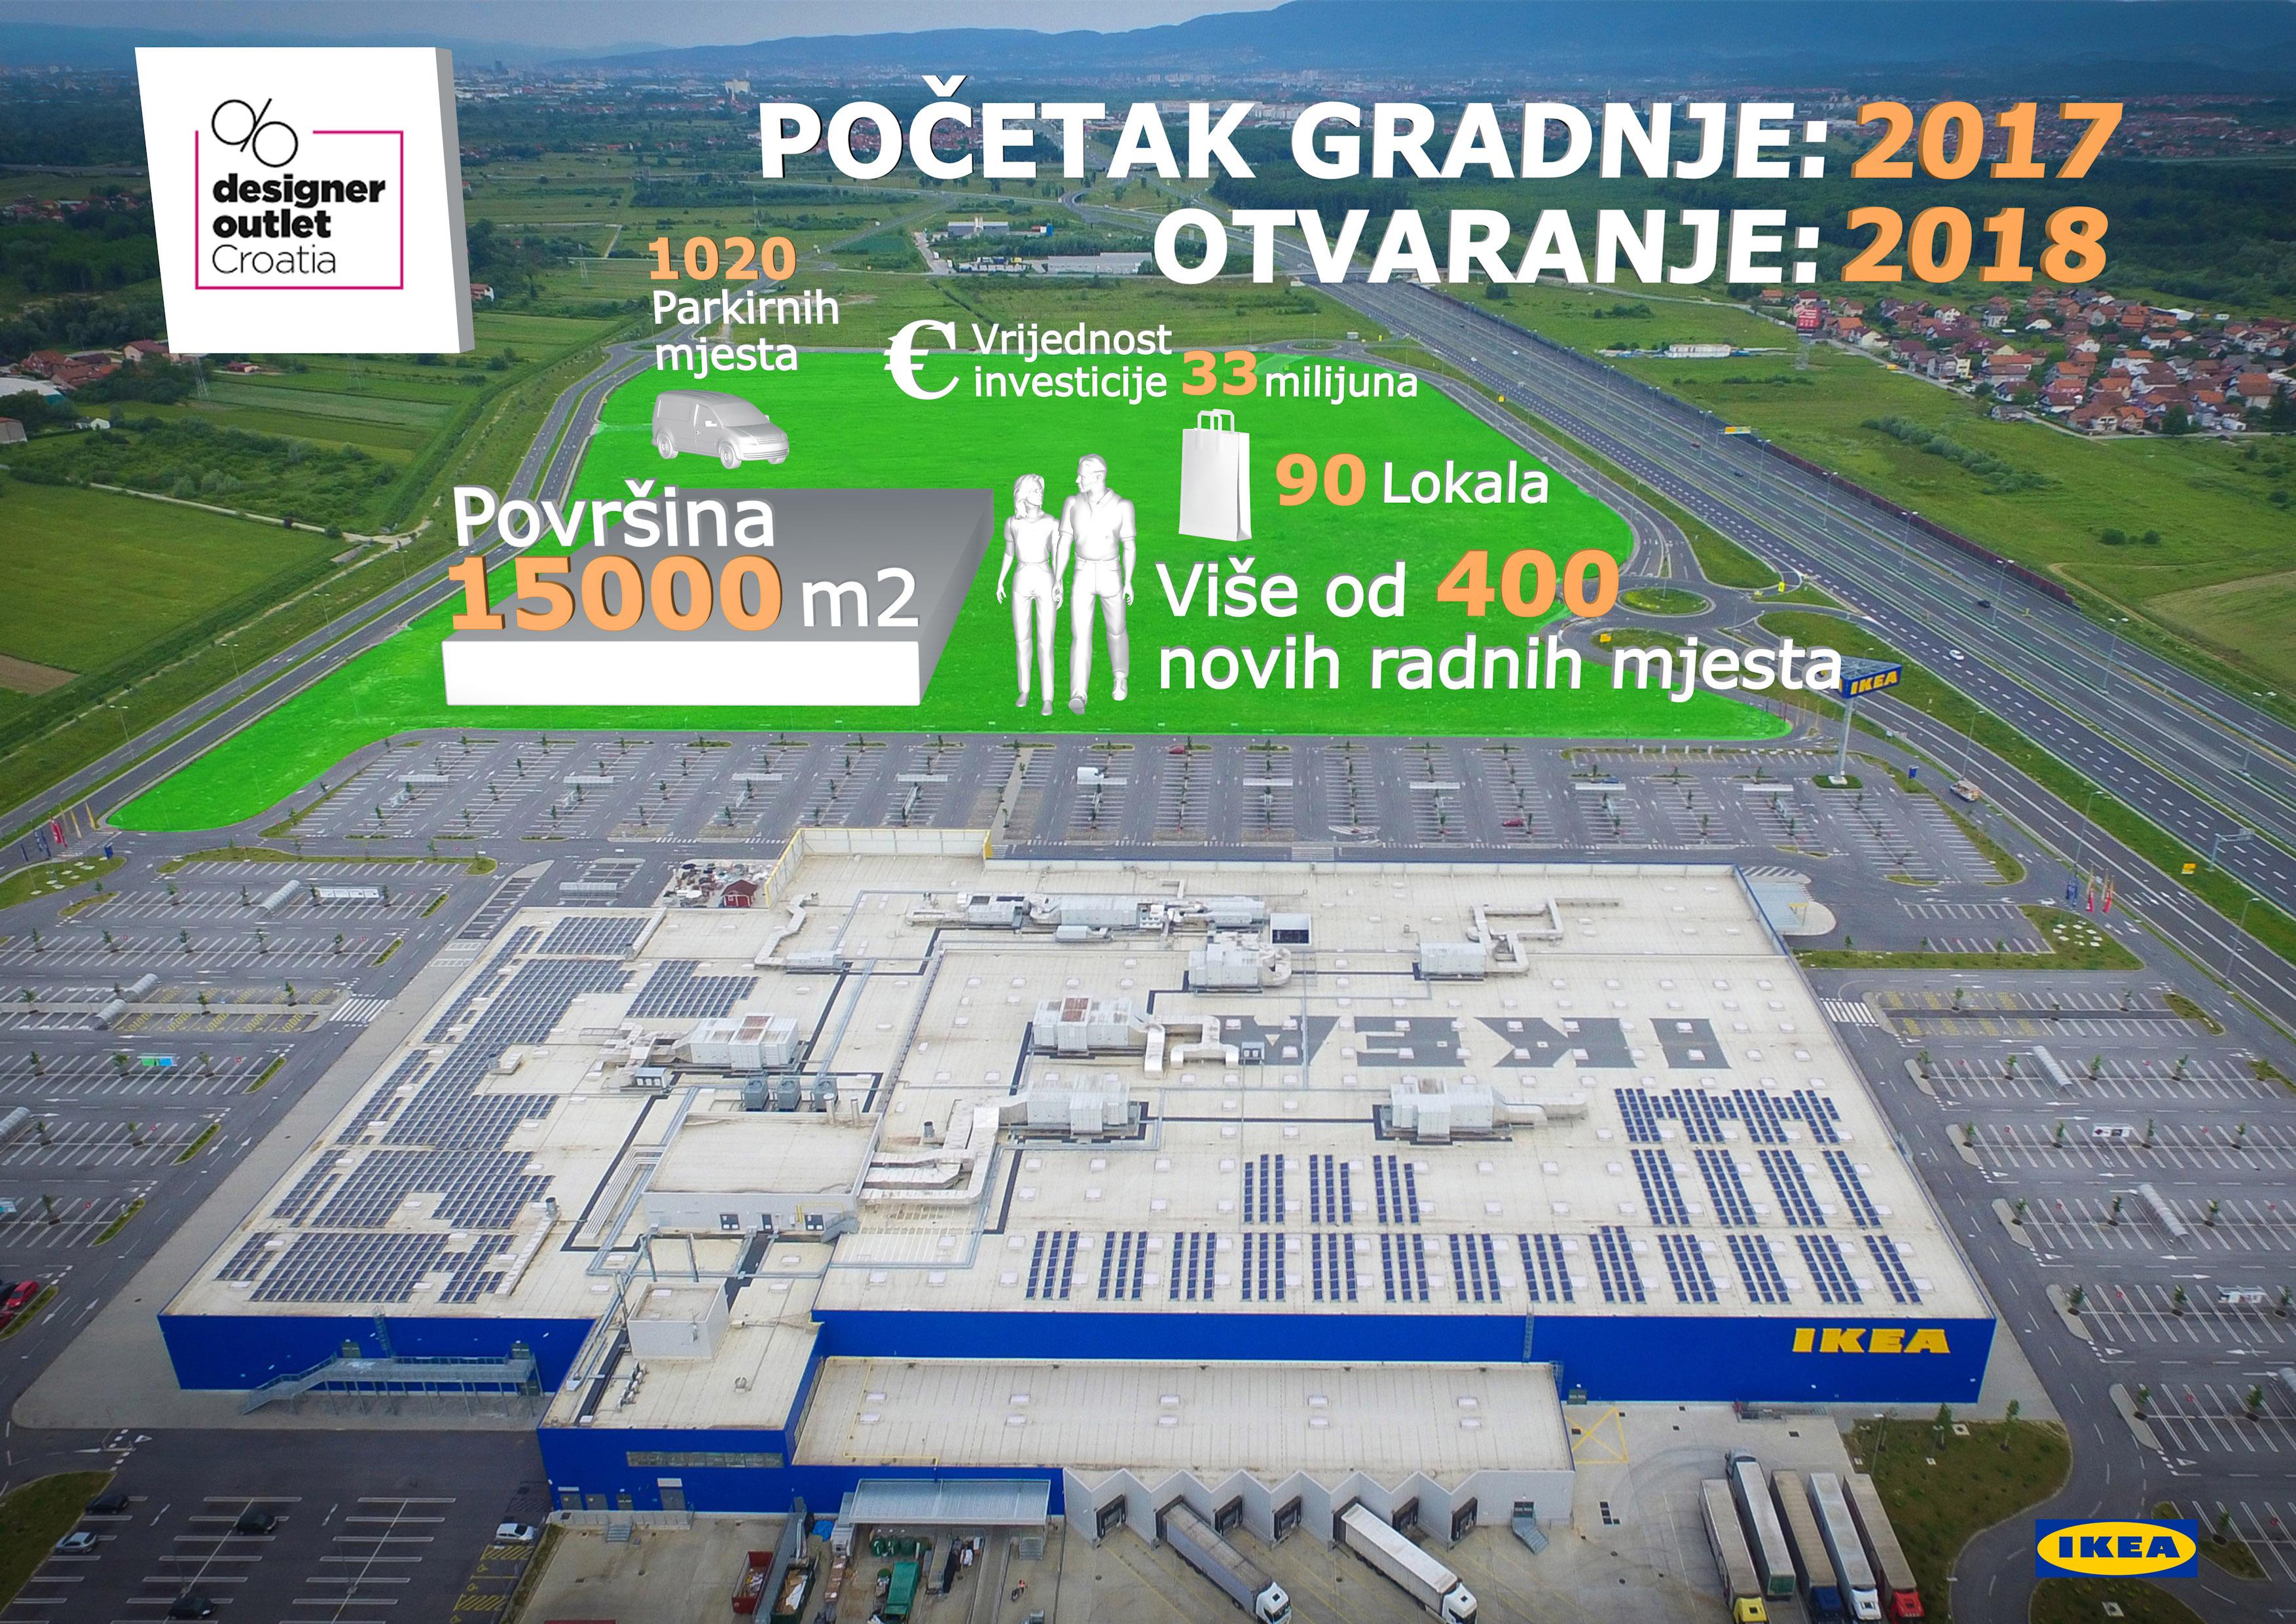 Globus Foto Pogledajte Kako Ce Izgledati Novi Ikea In Kompleks U Hrvatskoj Vrijedan 88 Milijuna